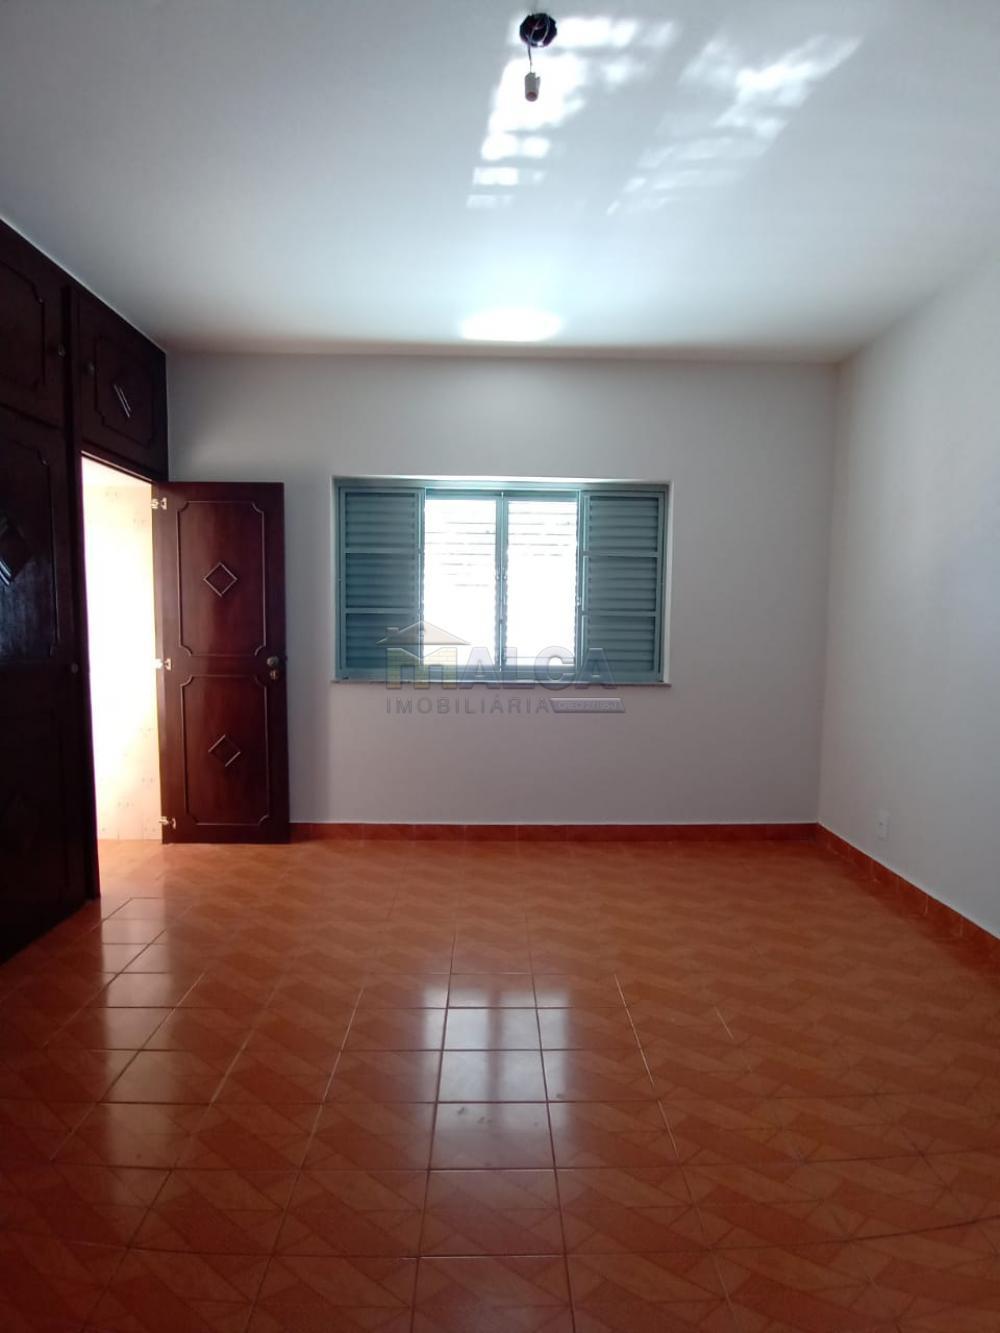 Alugar Casas / Padrão em São José do Rio Pardo apenas R$ 2.500,00 - Foto 14